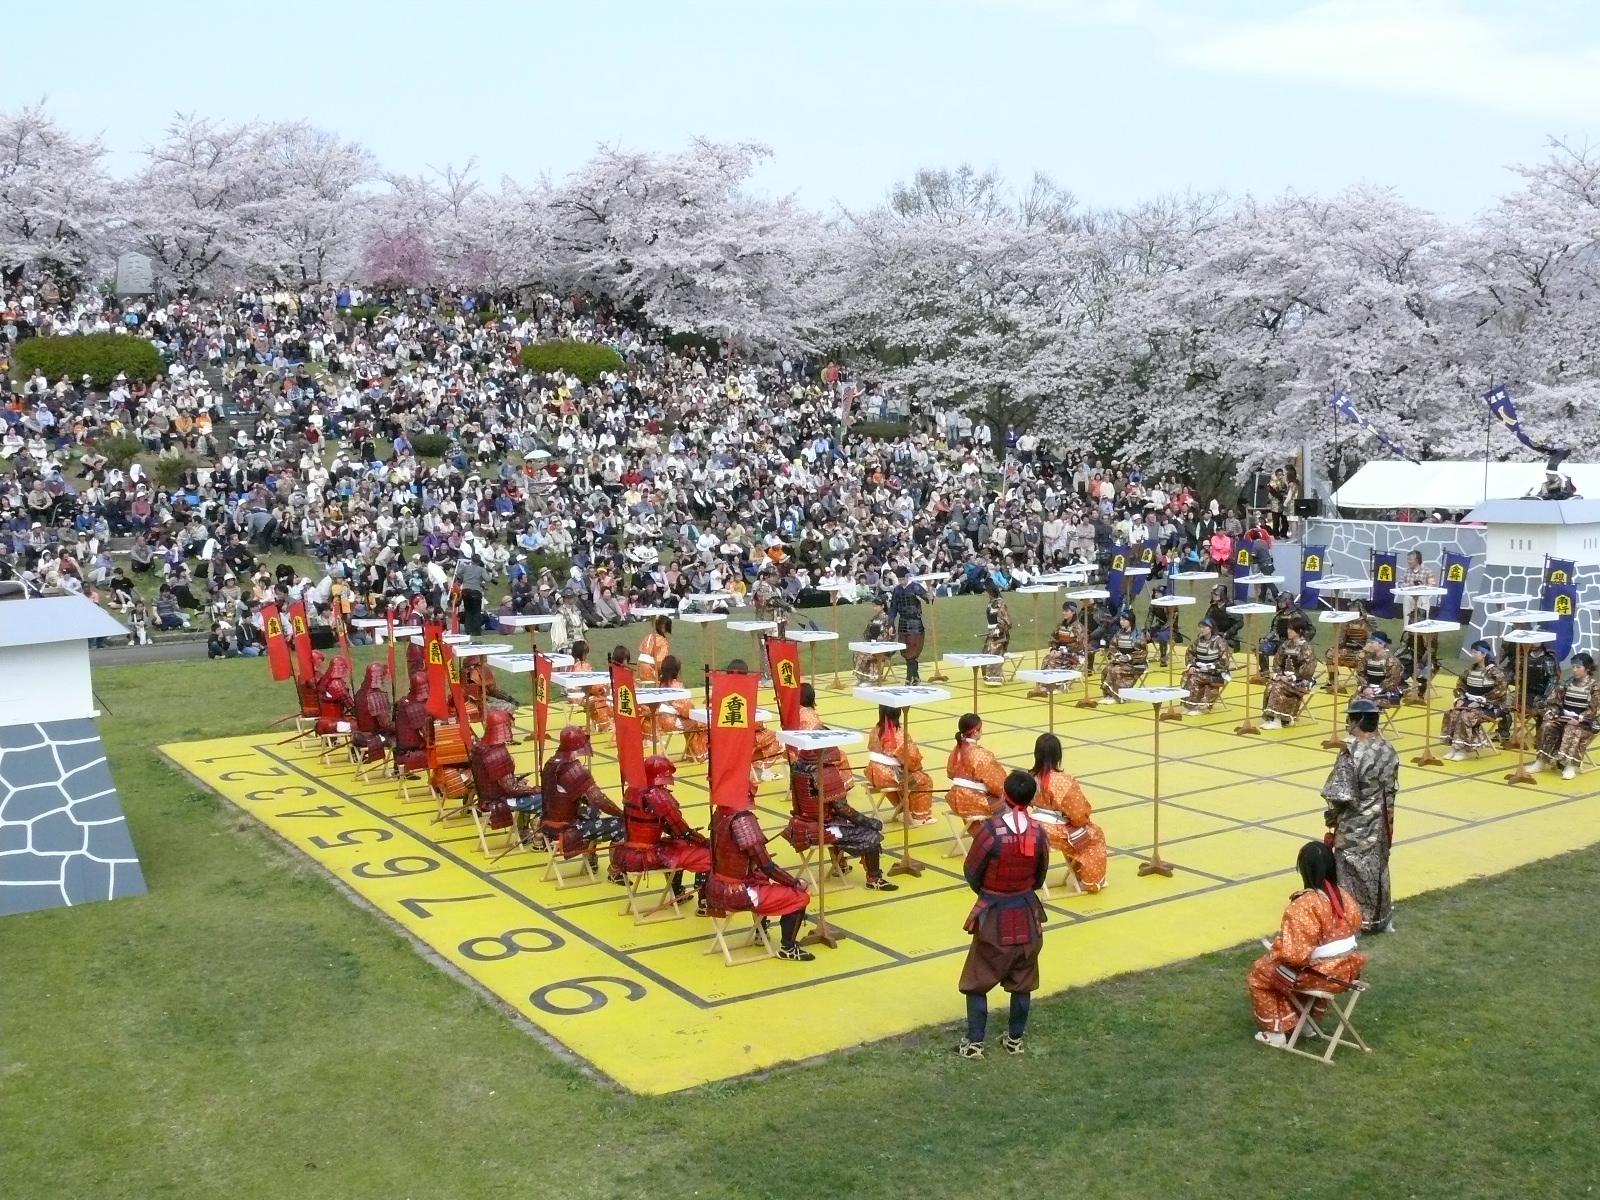 東京のラーメン屋では作り手への感謝を表す「伏せ丼」という行為がブーム!